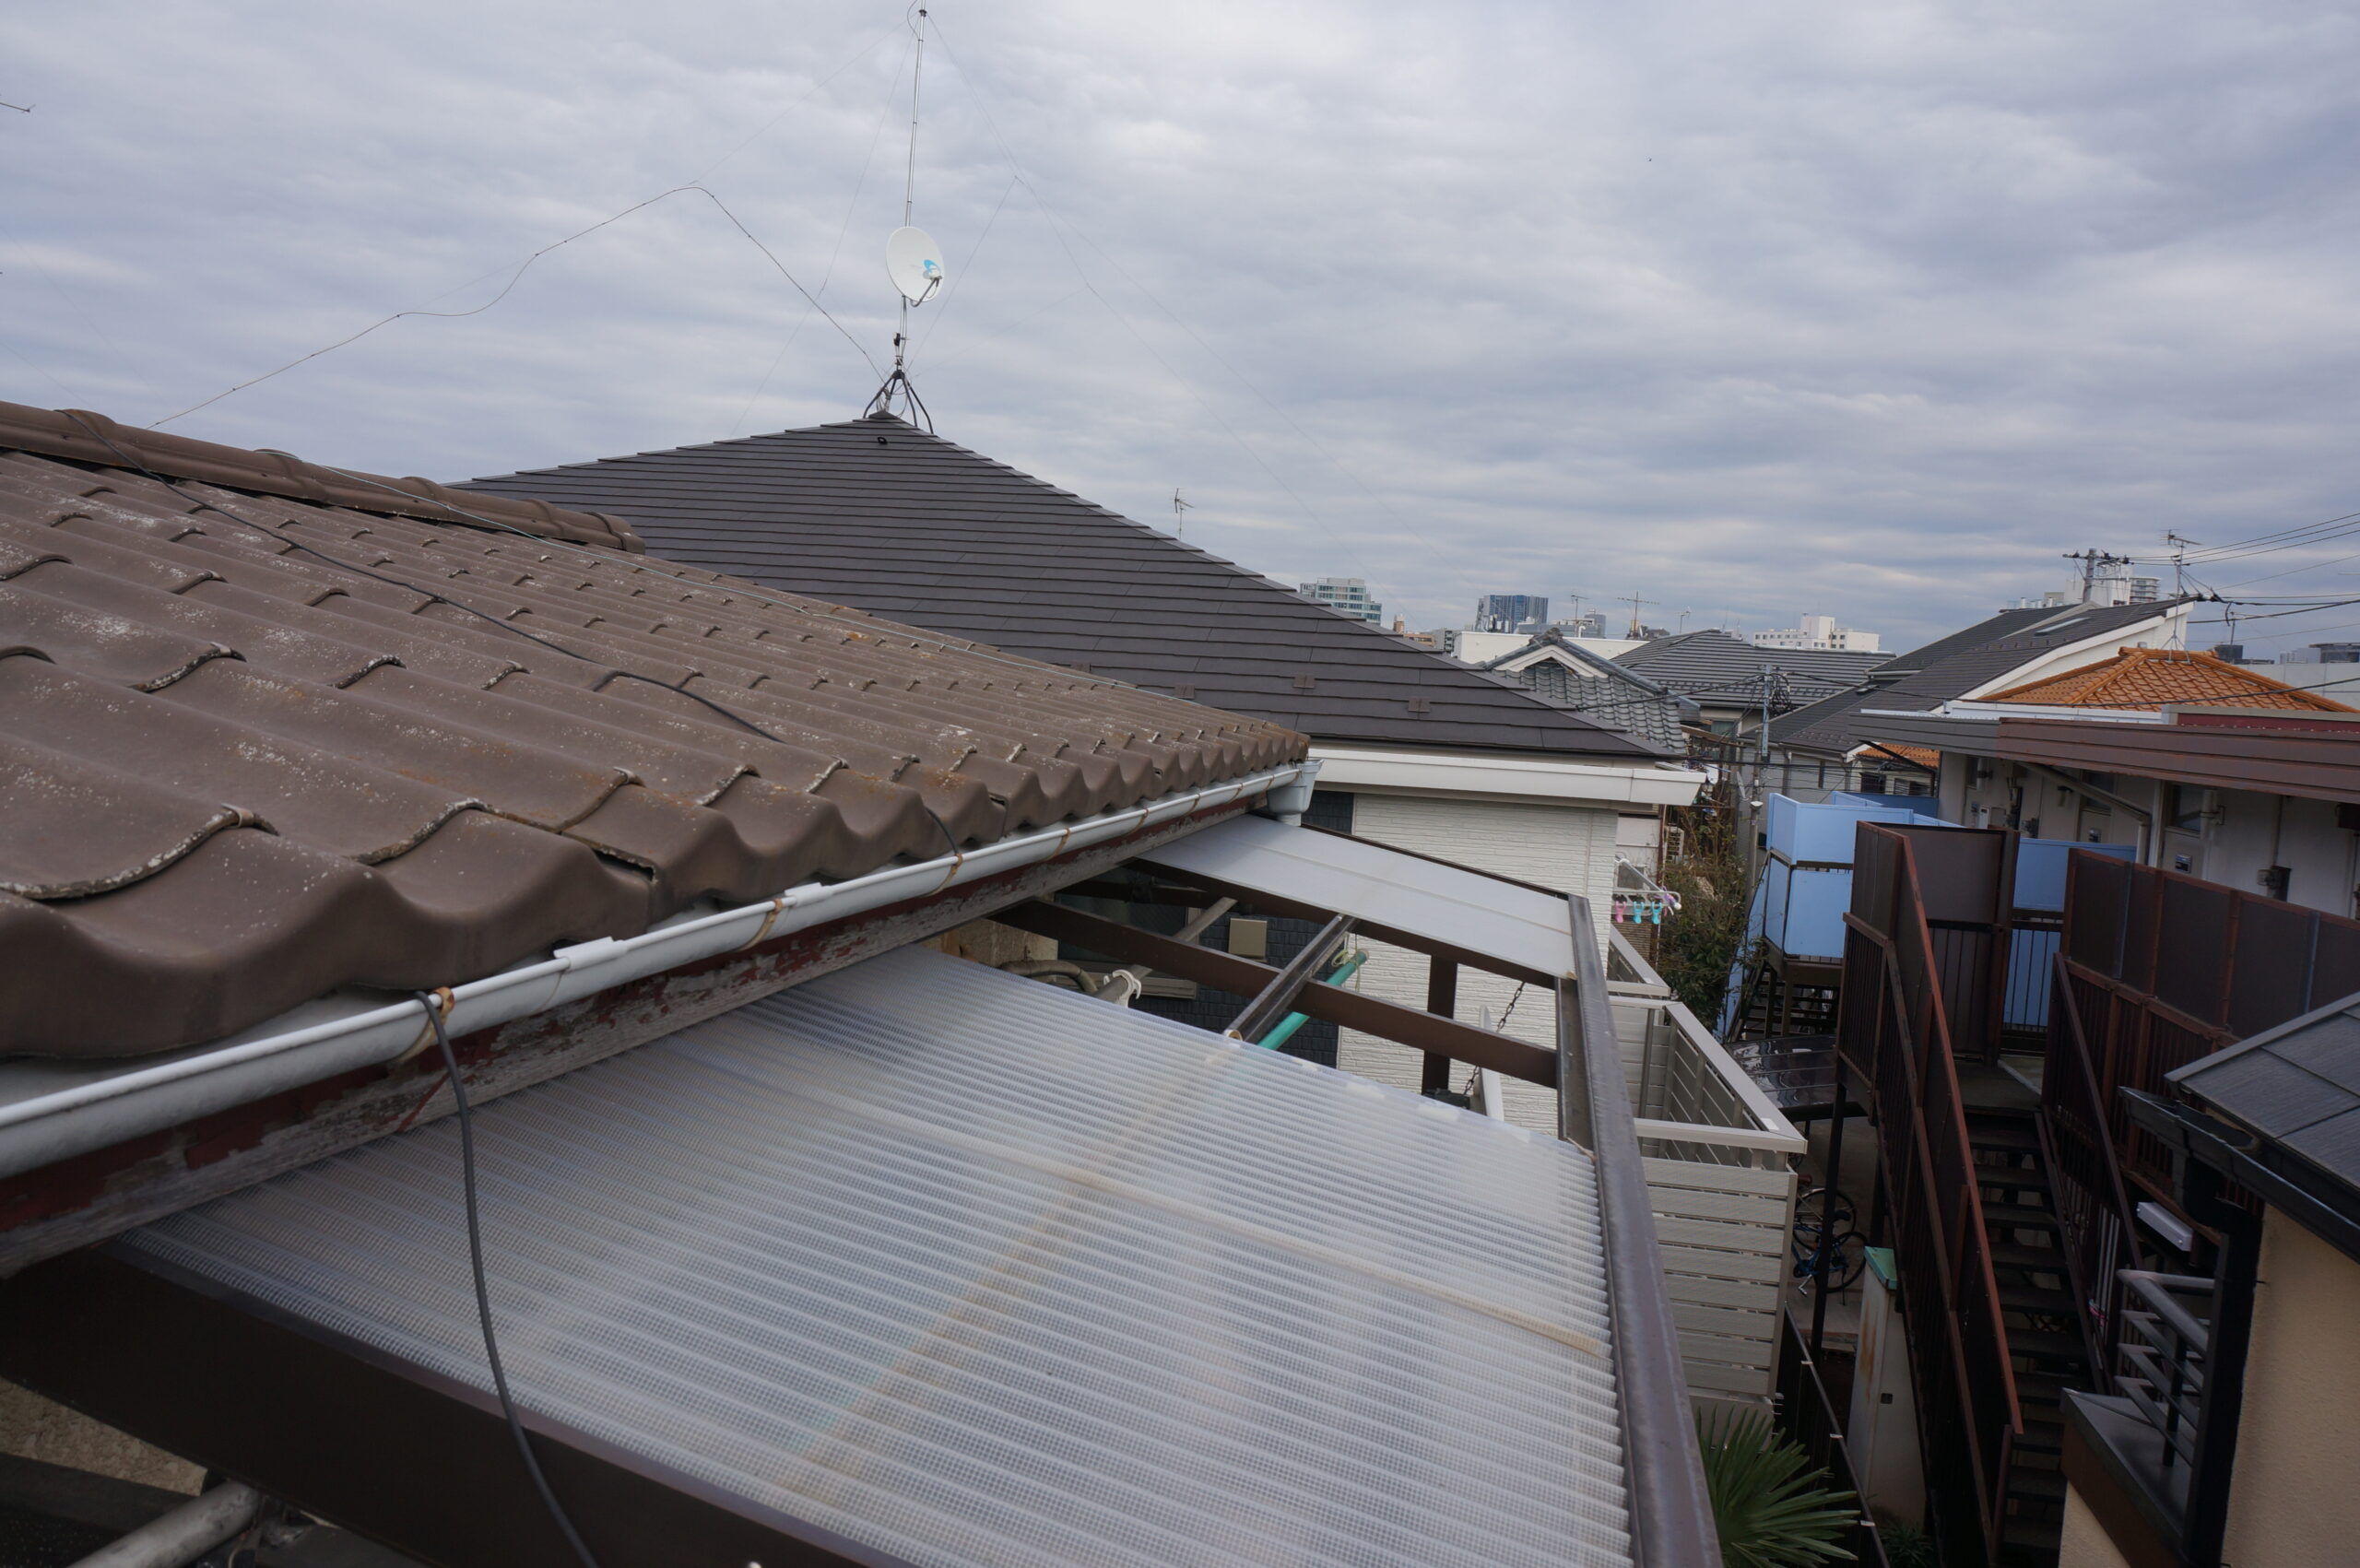 小金井市で屋根雨樋の住宅調査を実施